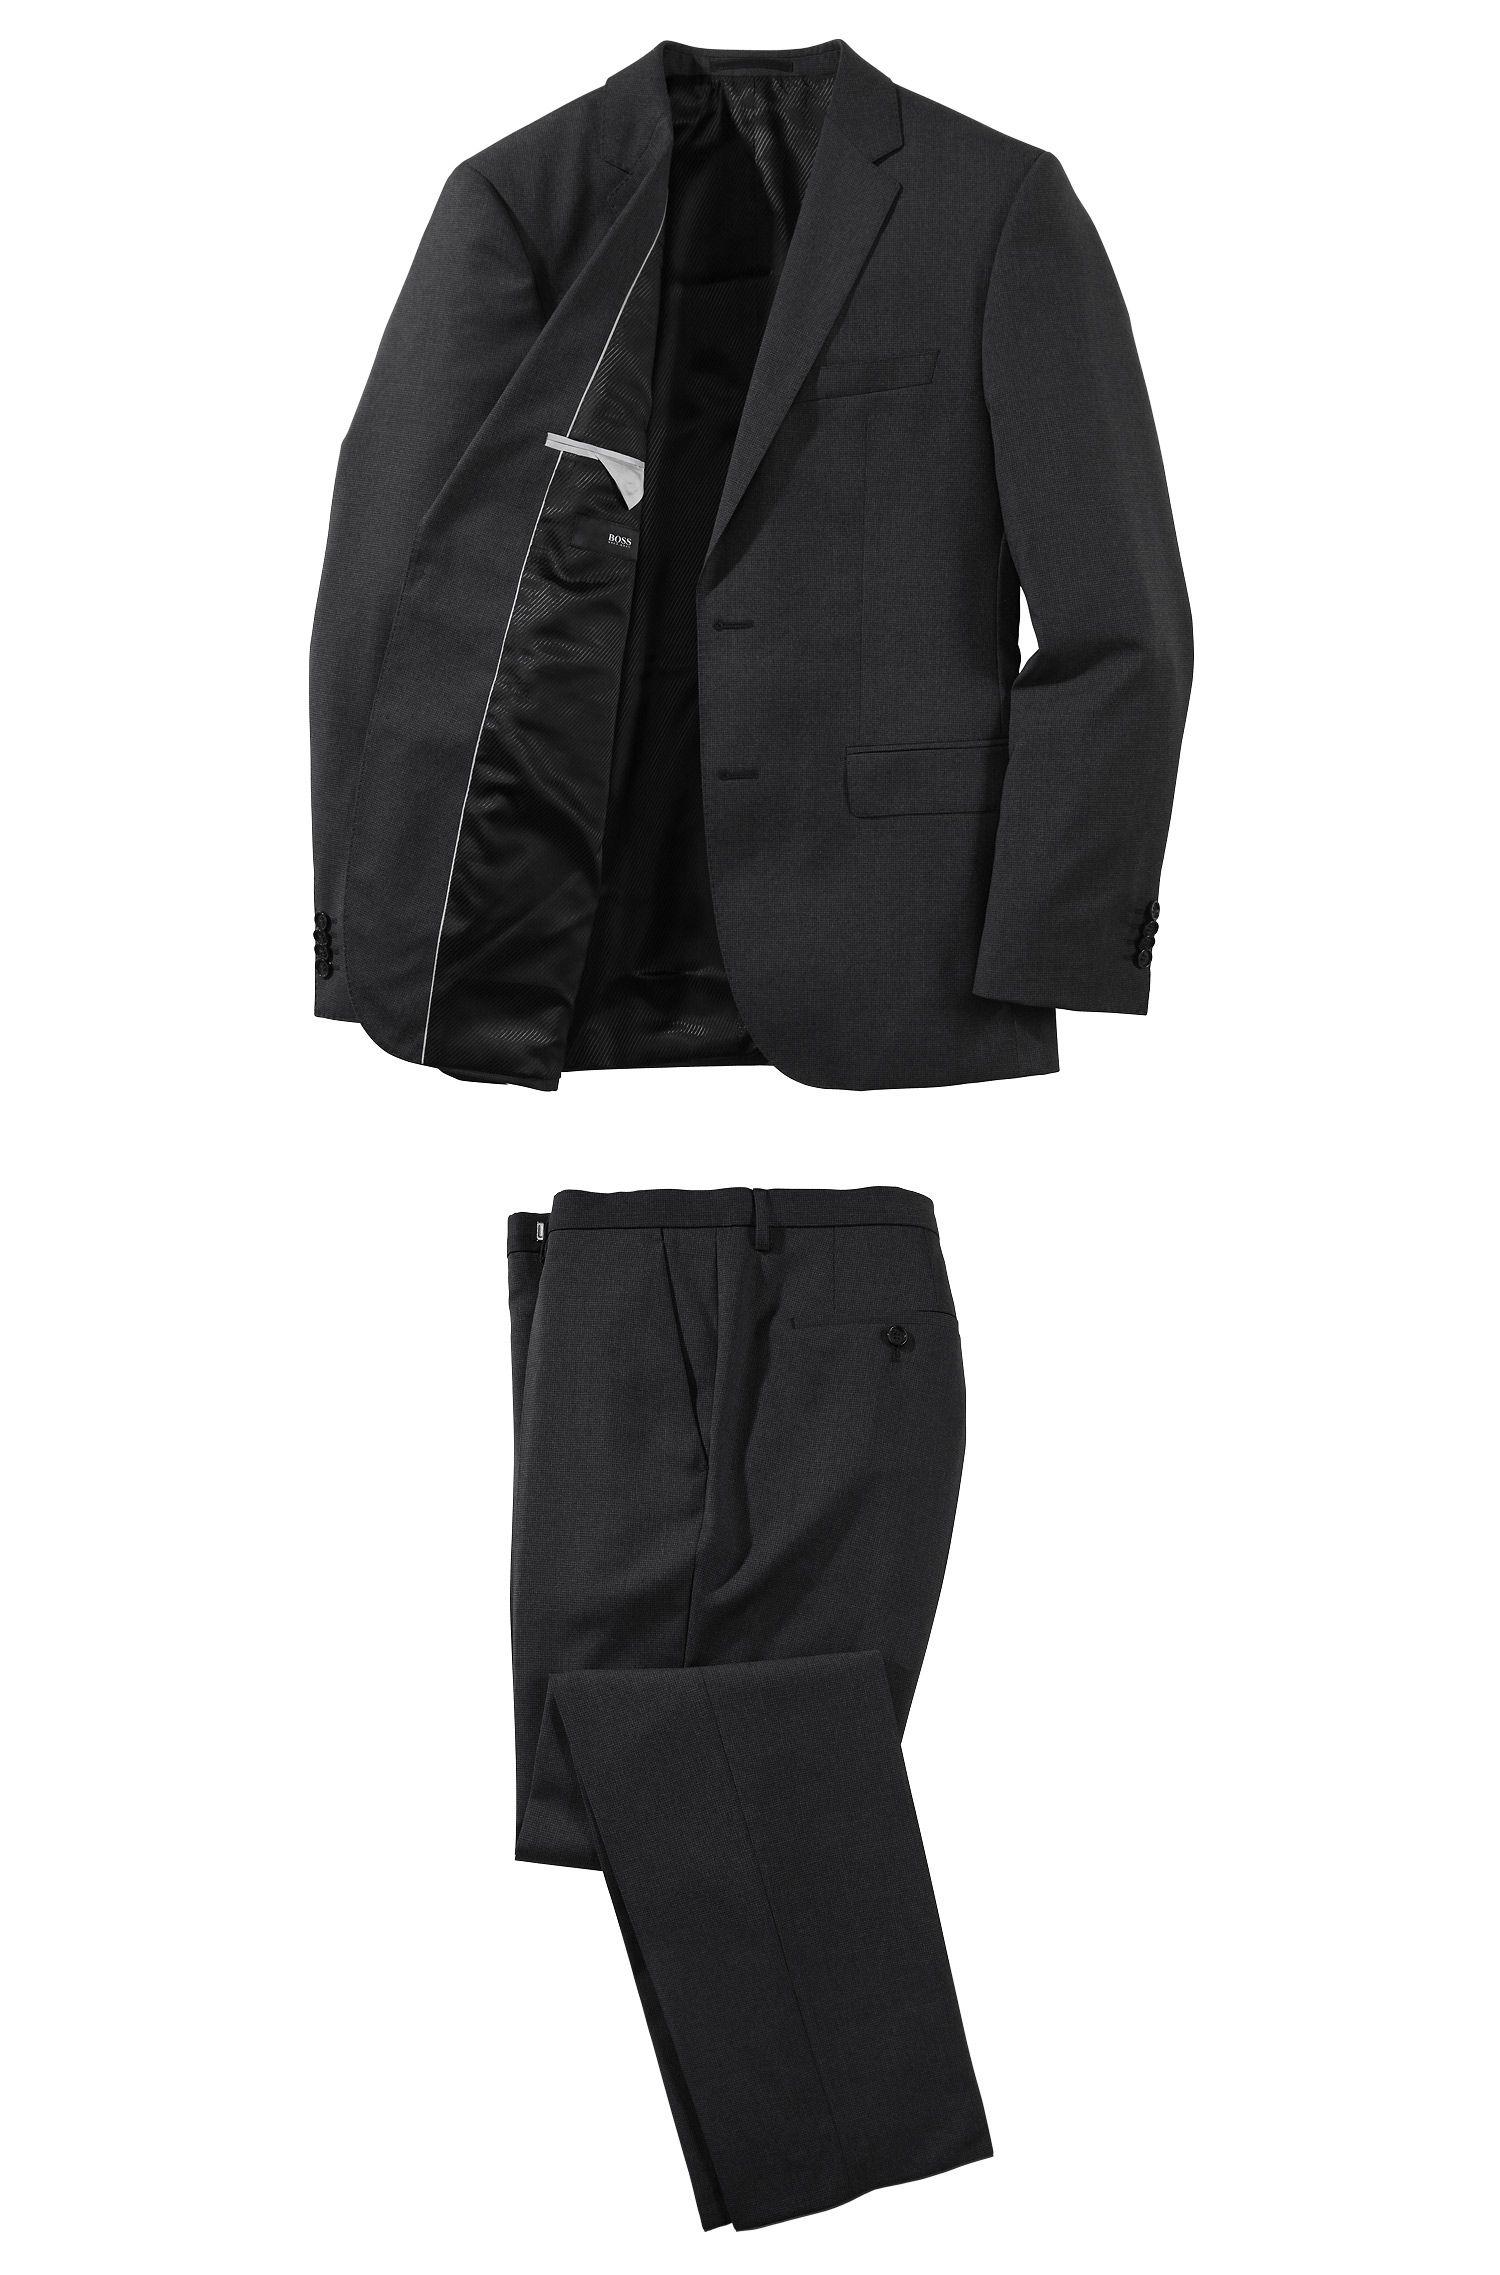 Costume pied-de-poule, The Sweet4/Sharp5